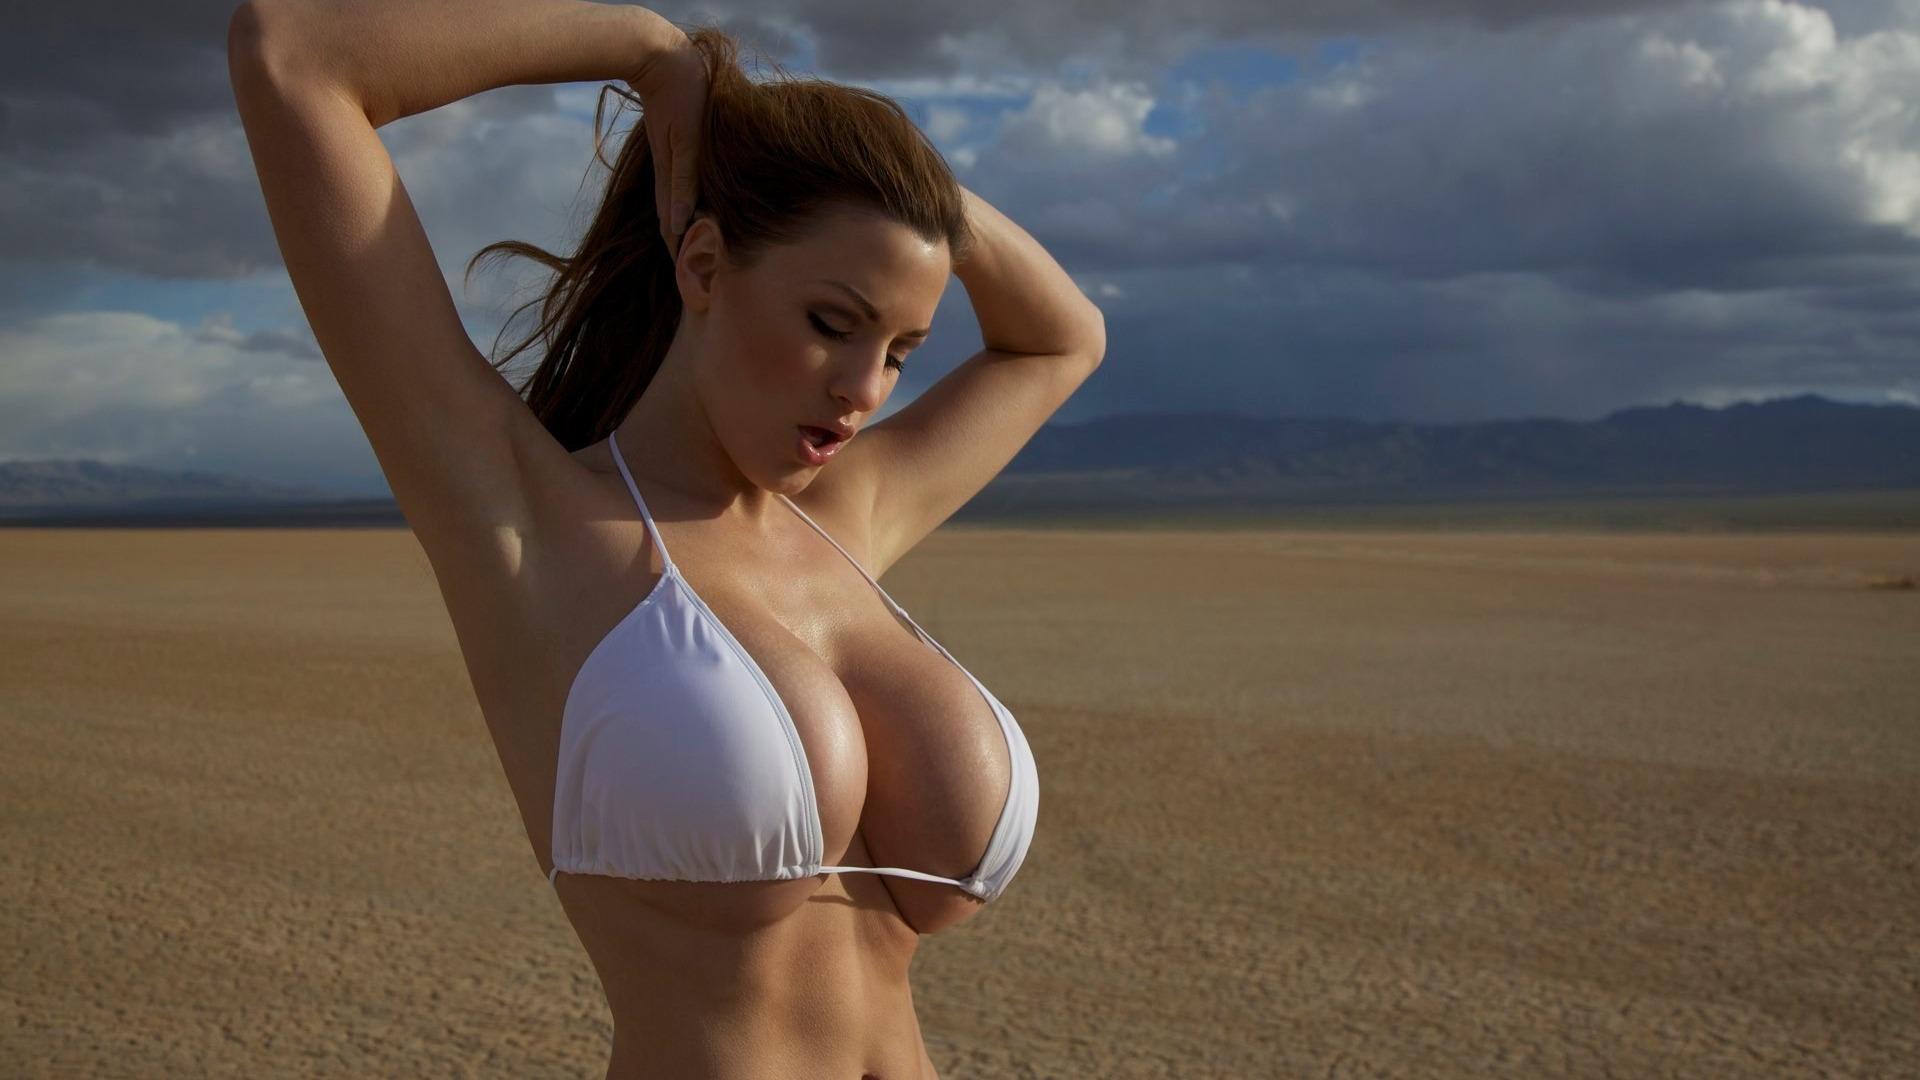 Сочная грудь женщины 14